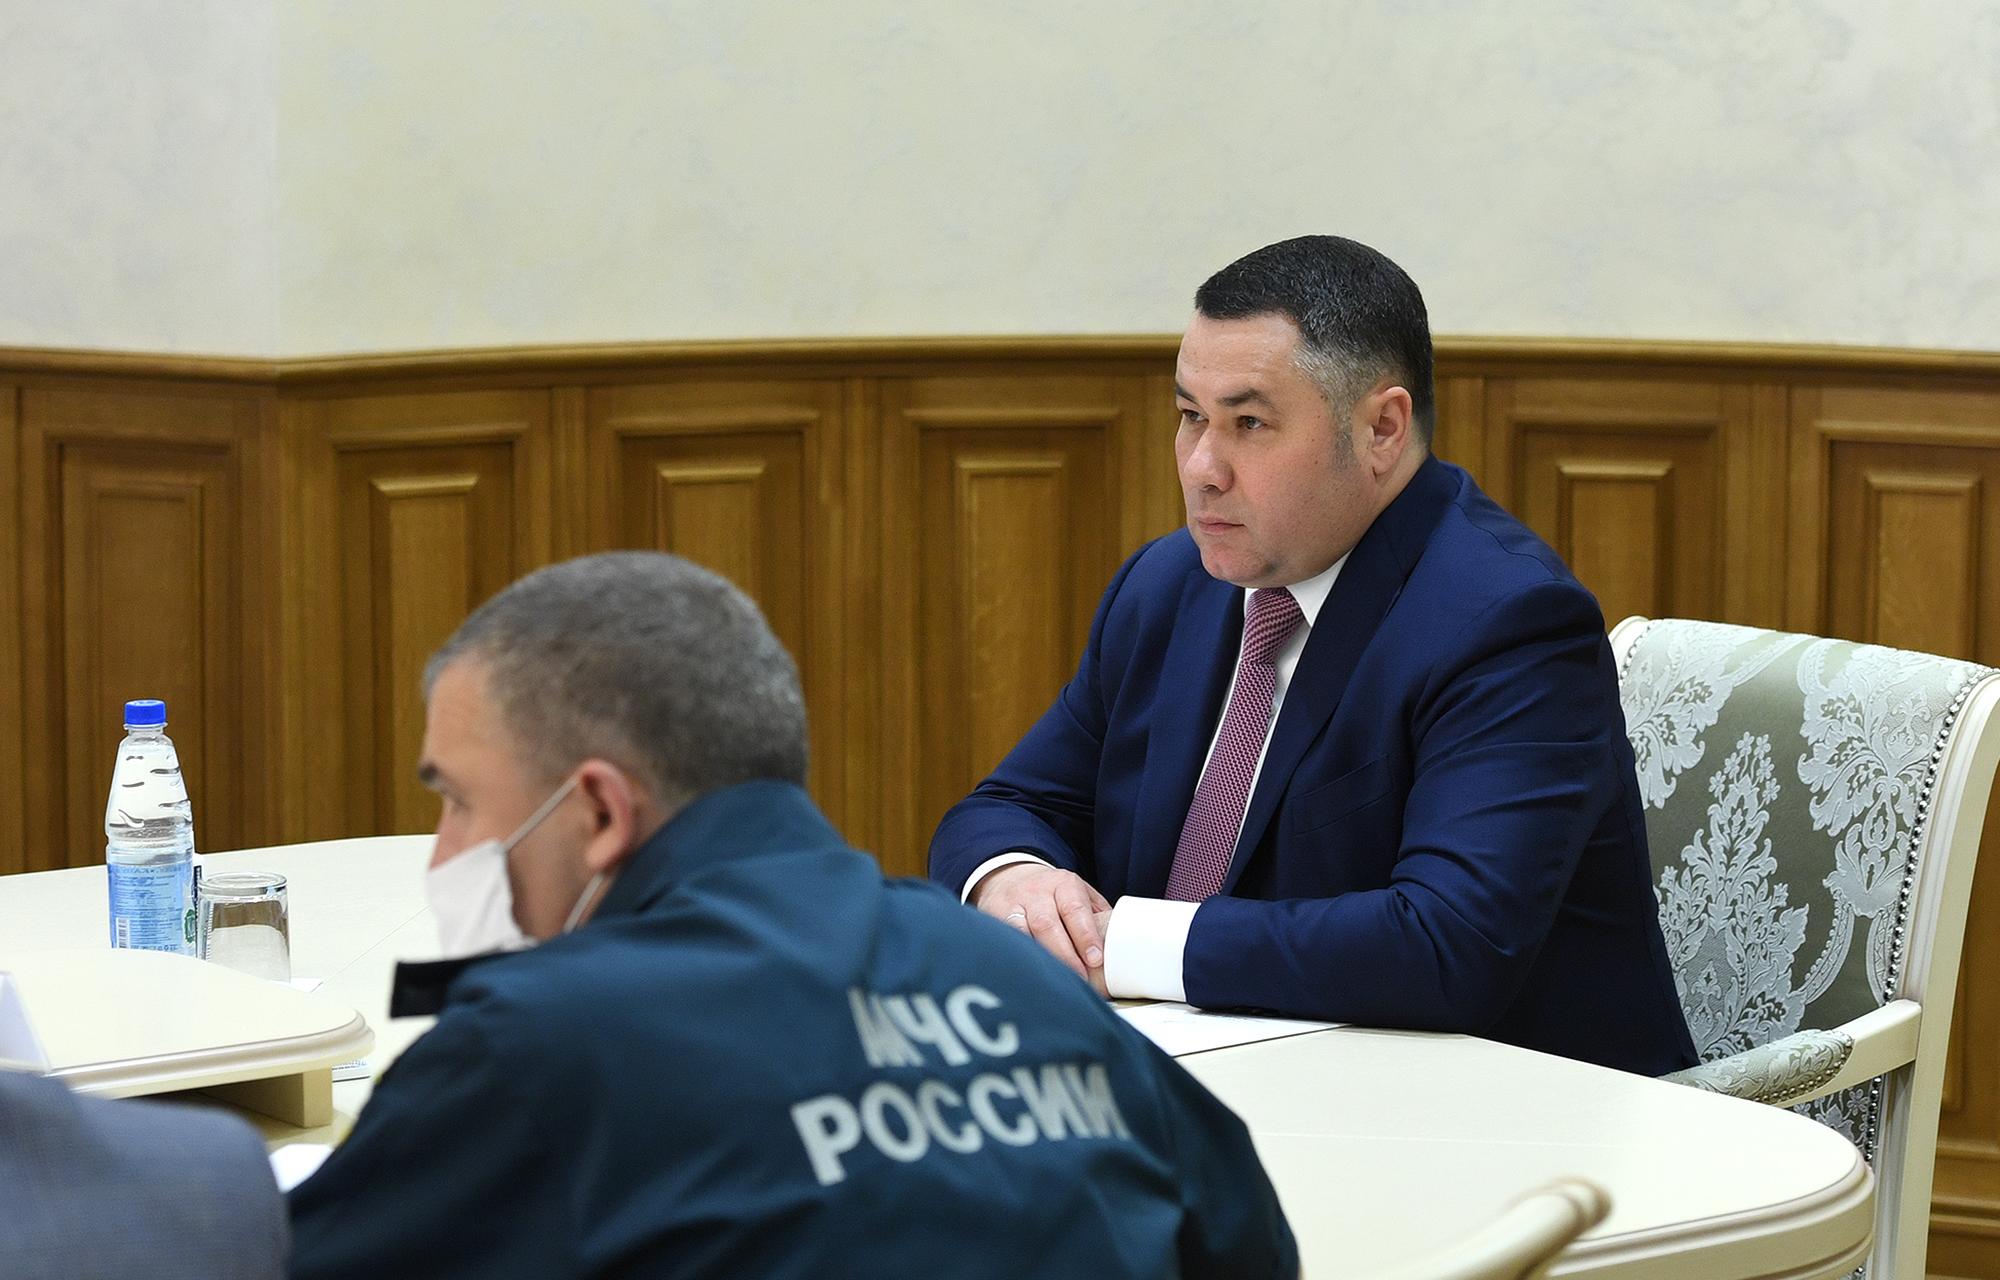 В Тверской области участников ЕГЭ обеспечат СИЗамии дезинфицируют помещения для сдачи экзамена